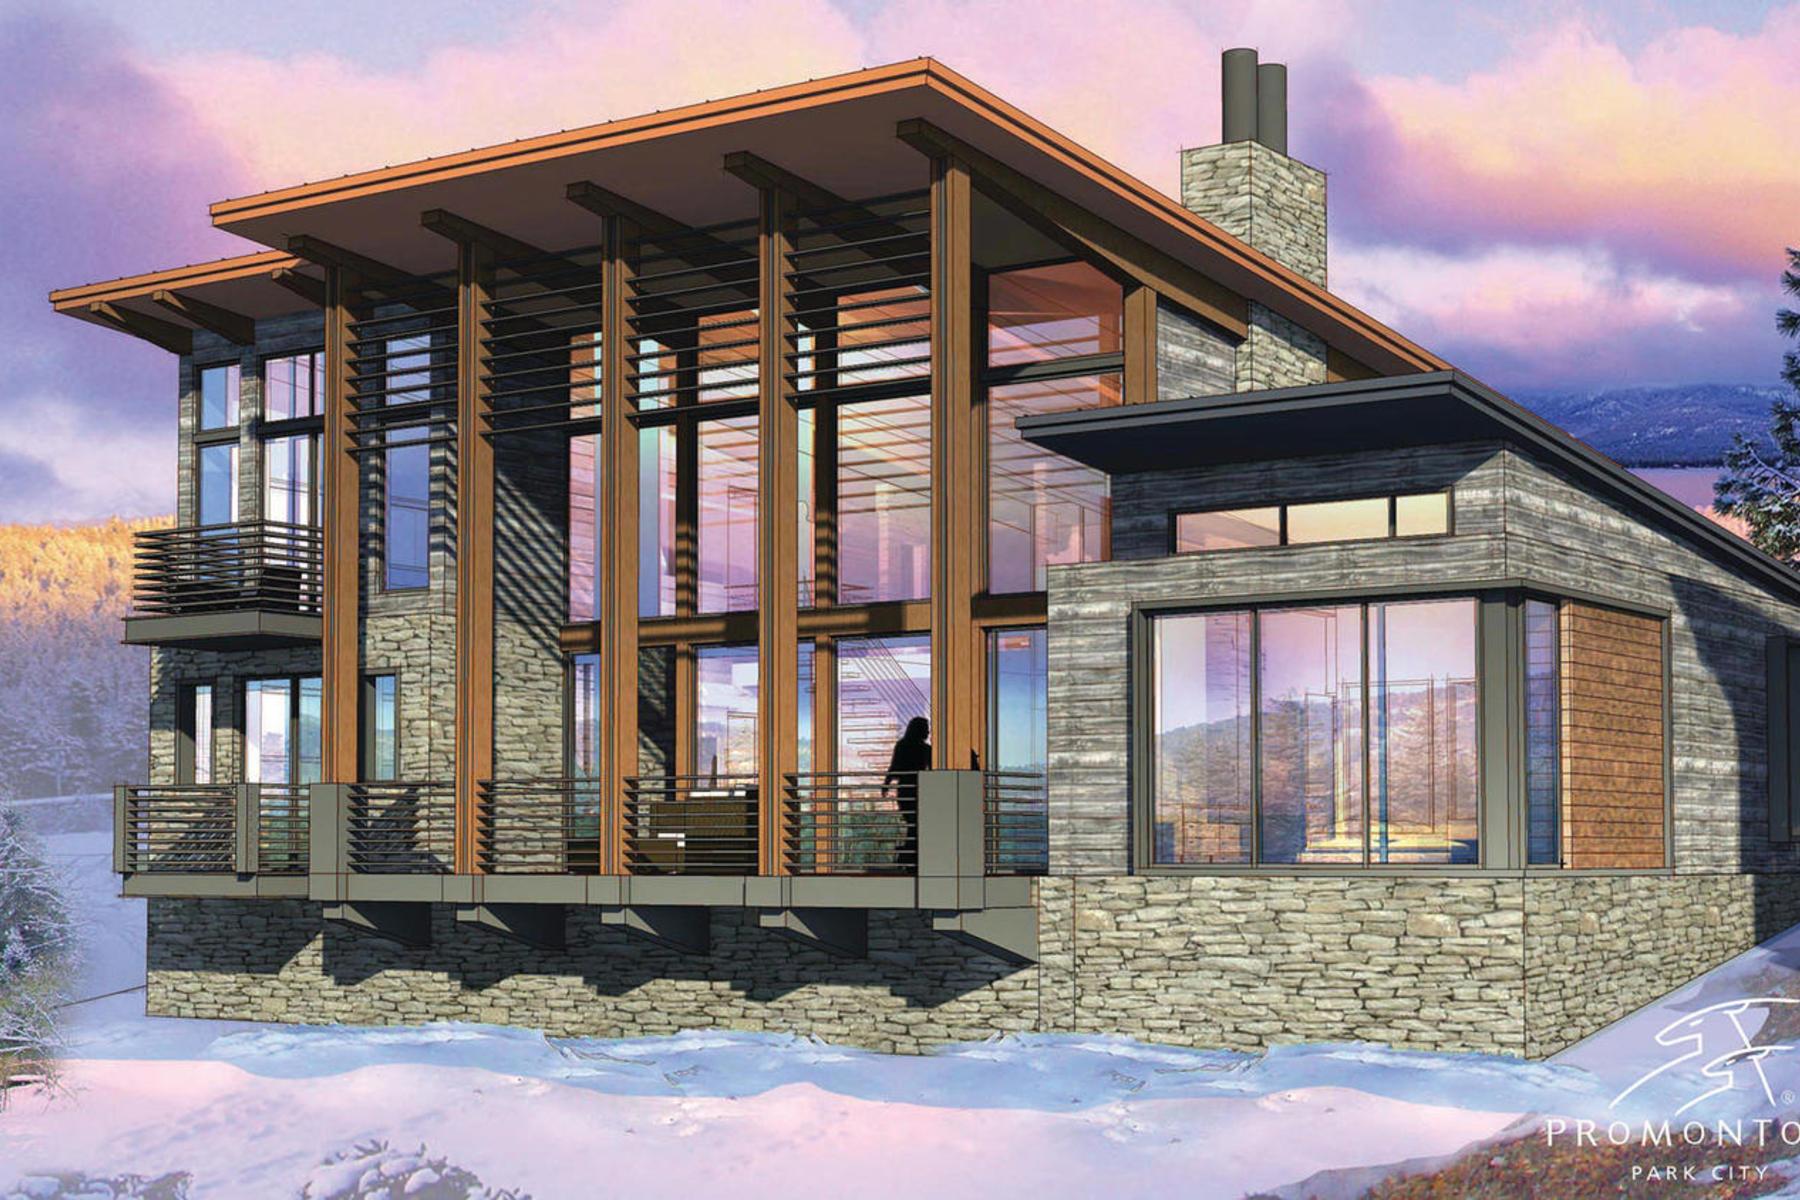 獨棟家庭住宅 為 出售 在 New Nicklaus Golf Cabin Promontory 6594 Golden Bear Lp West Park City, 猶他州, 84098 美國